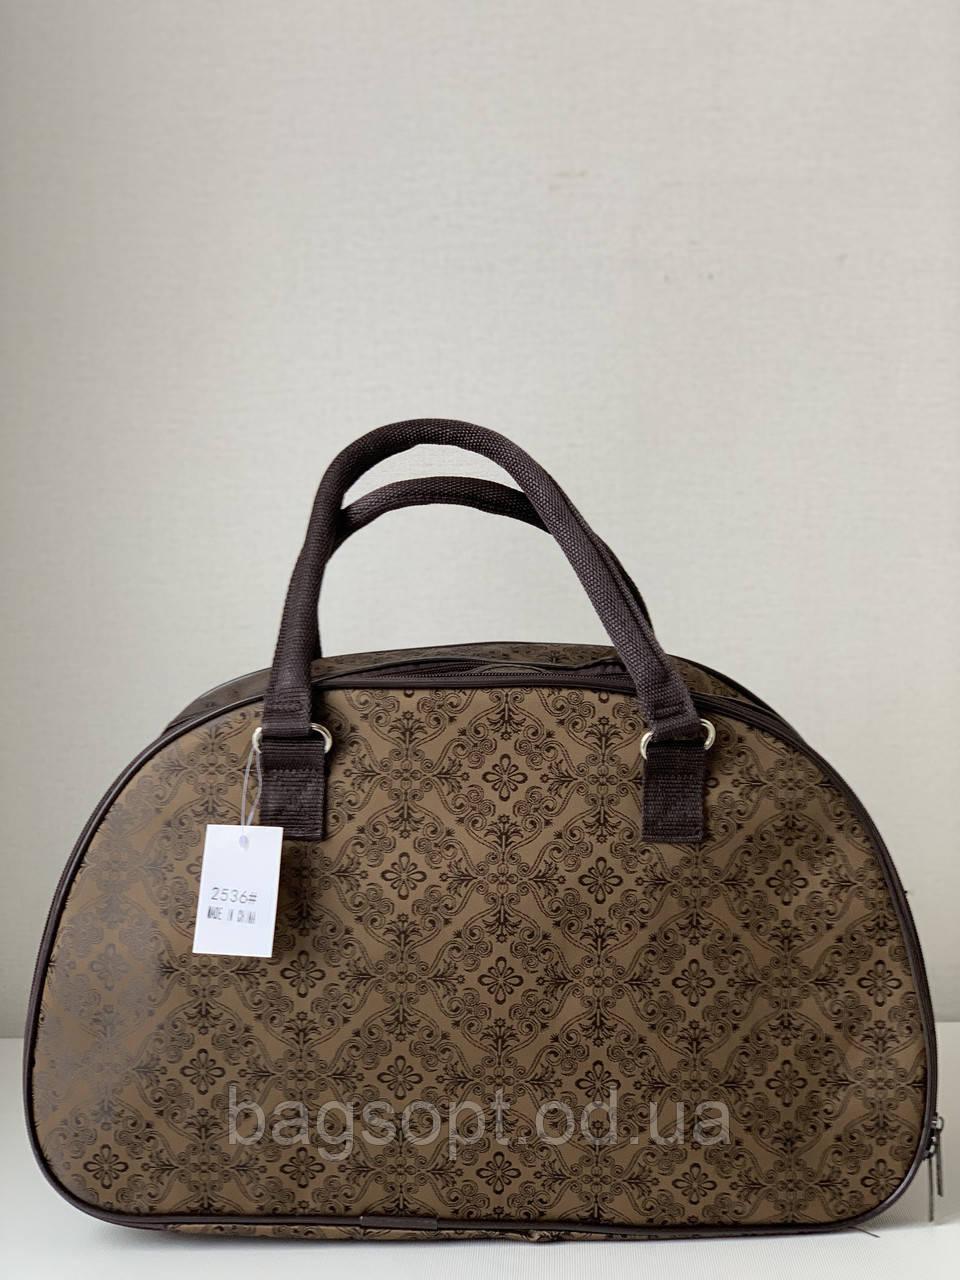 Коричневая женская дорожная сумка-саквояж с ручками и плечевым ремнем ручная кладь